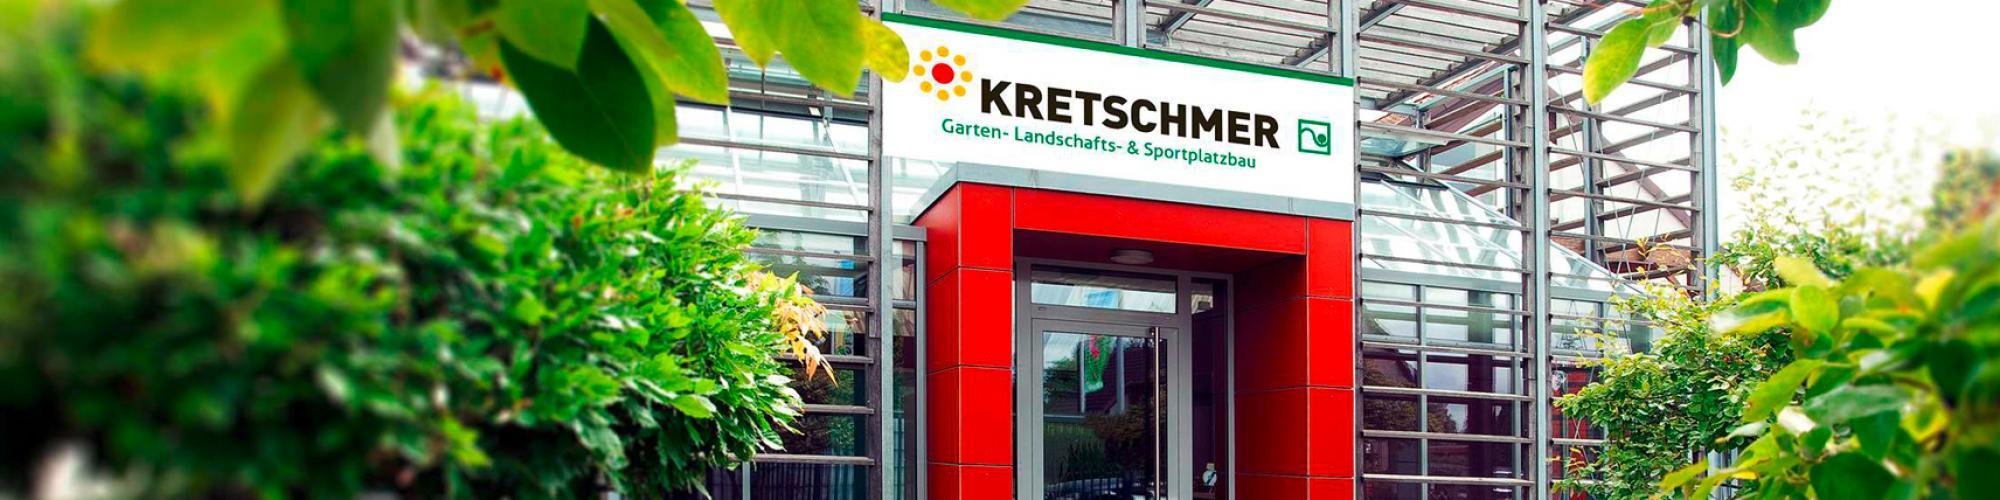 Kretschmer GmbH Garten-, Landschafts- und Sportplatzbau